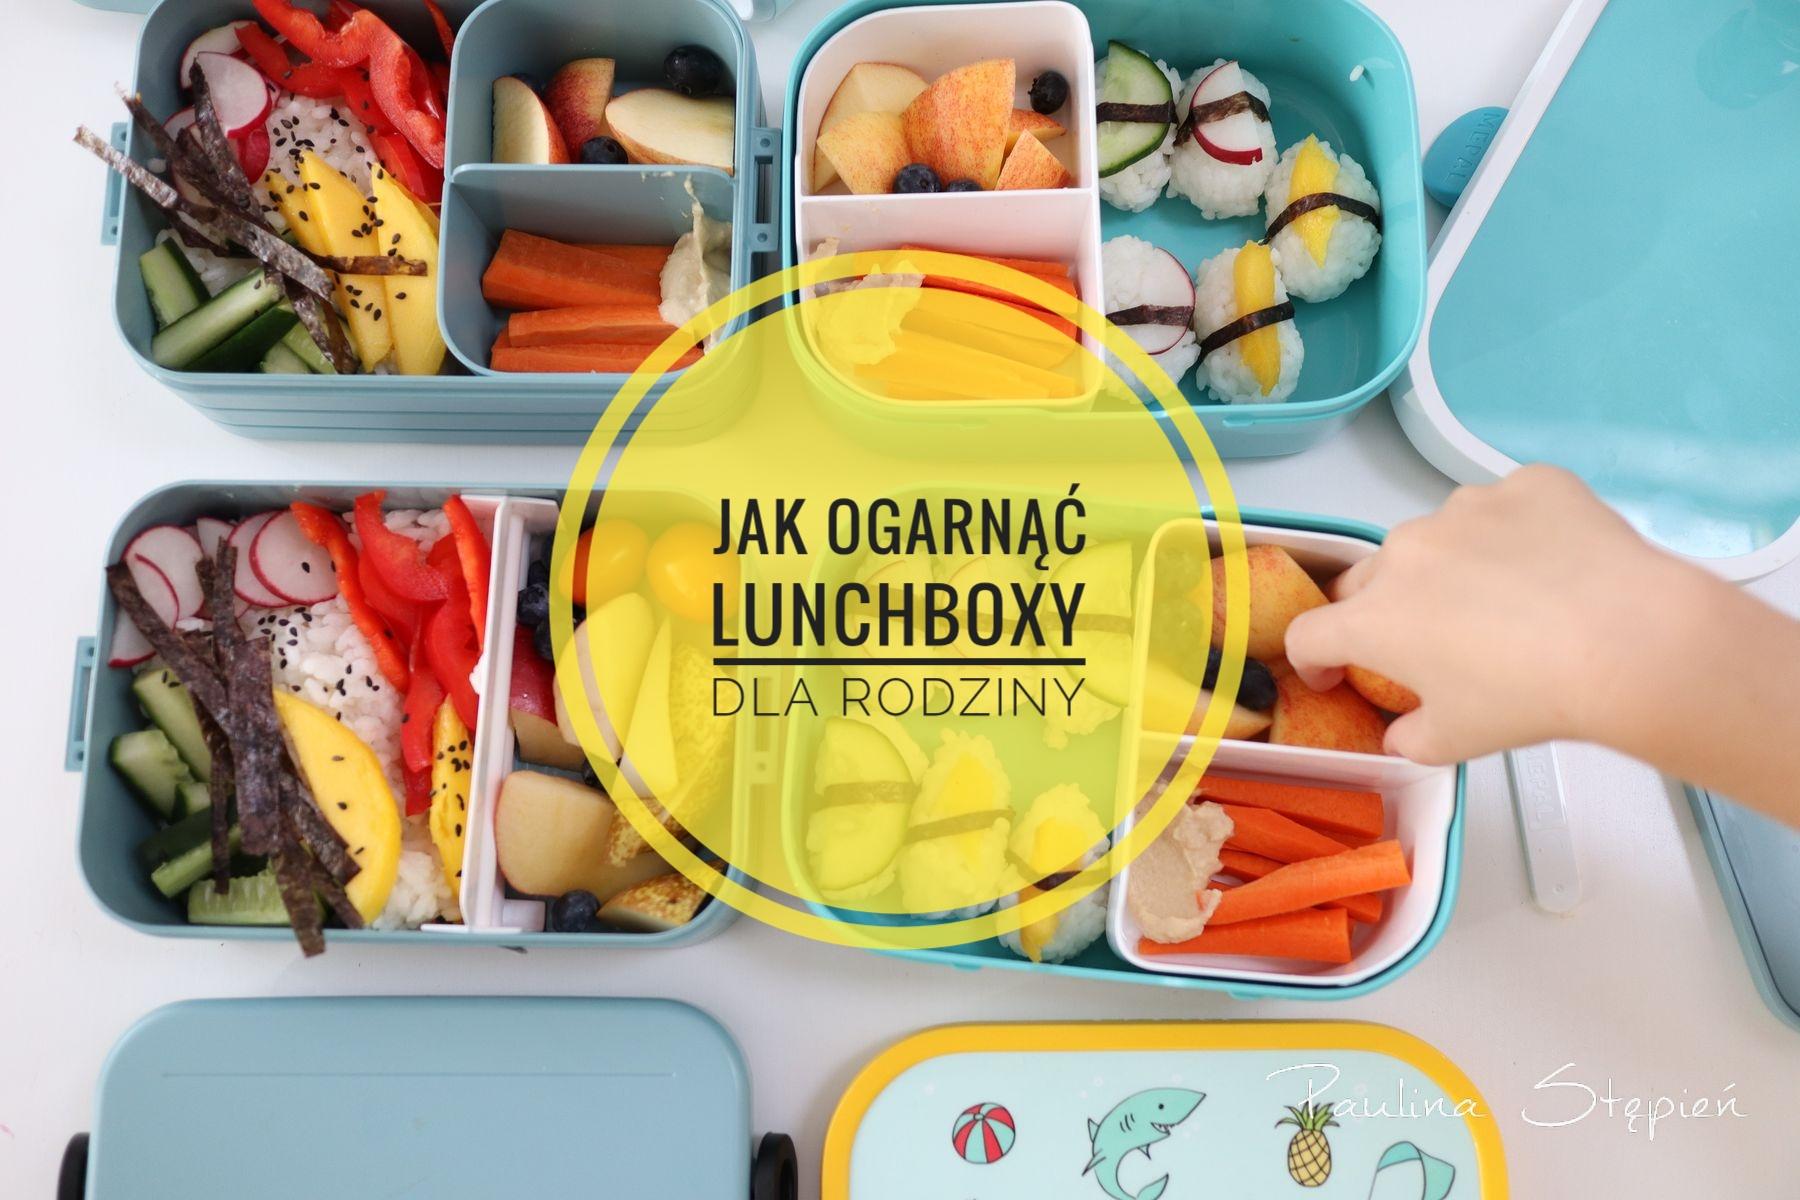 Lunchboxy dla rodziny